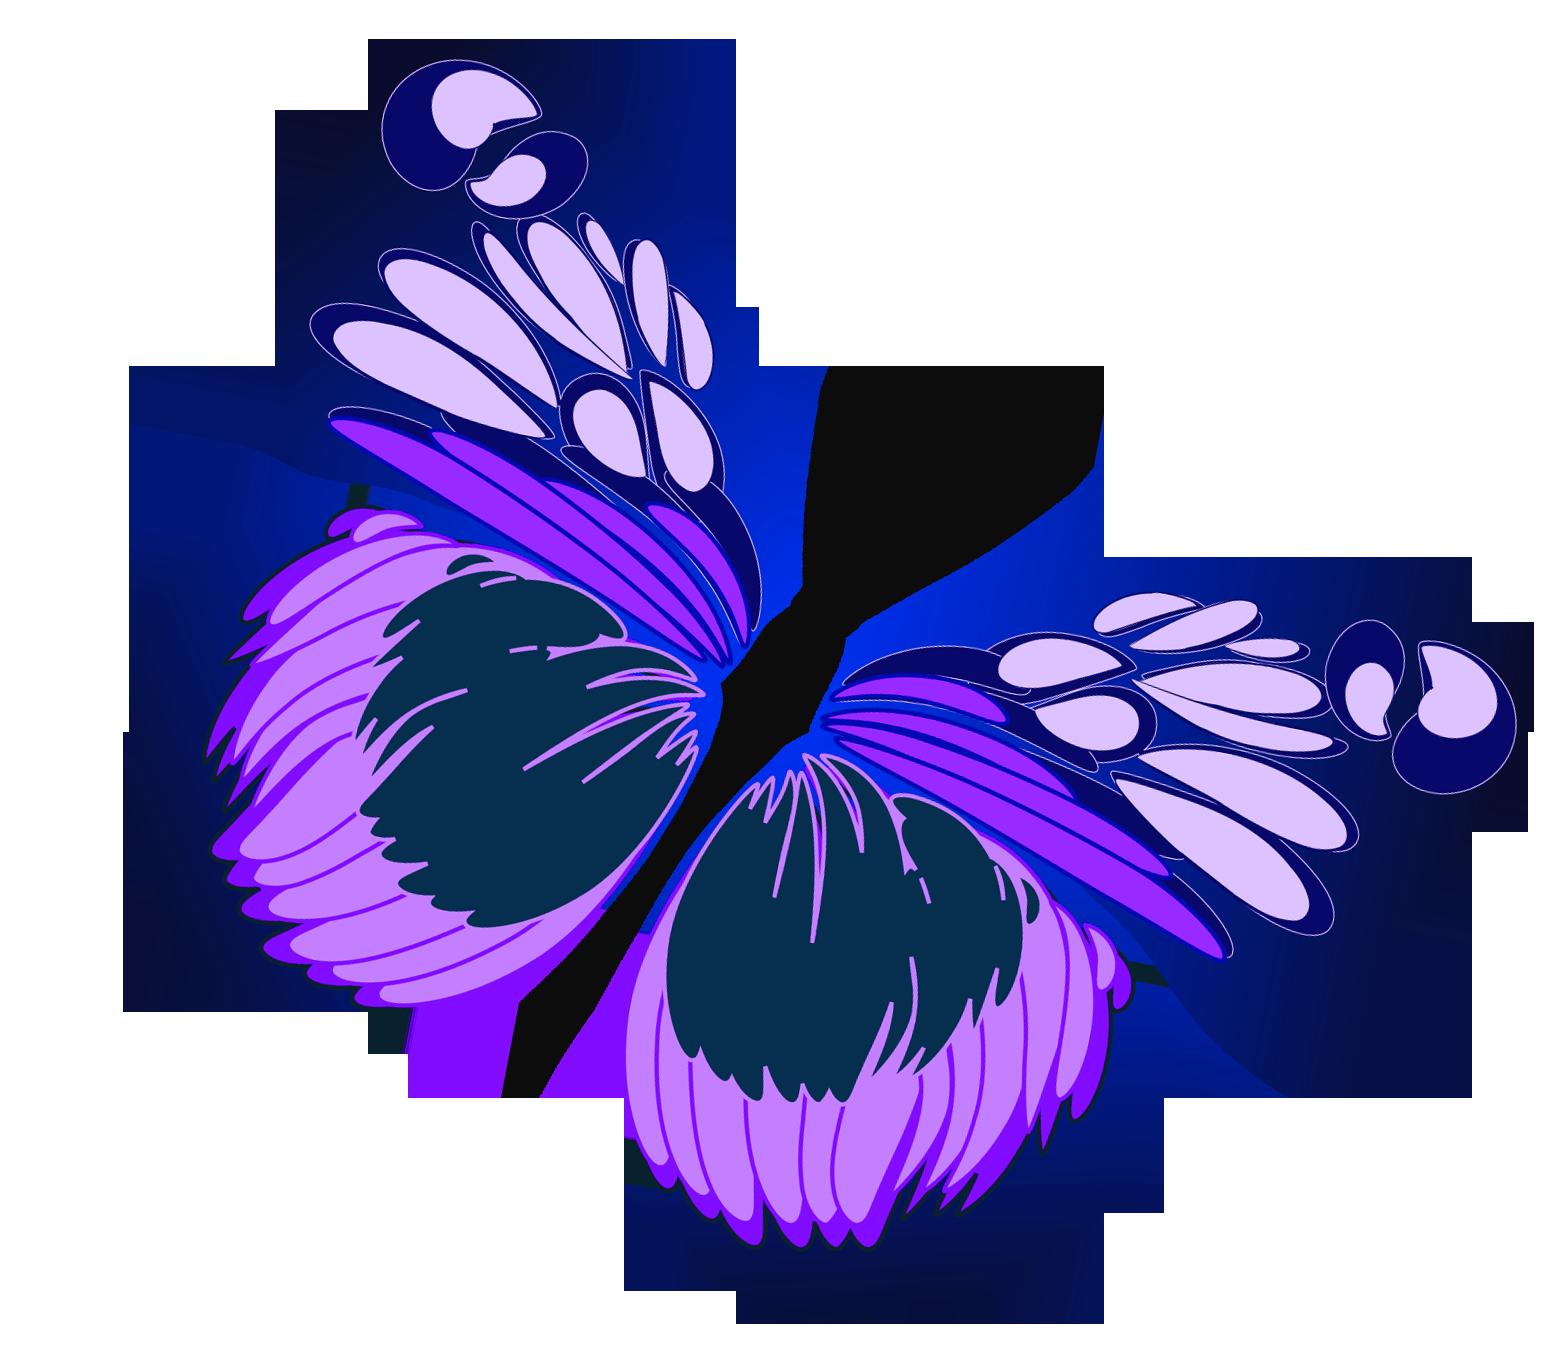 melissa arnette missy elliott born july 1 1971 is an american rh pinterest com purple butterflies clip art purple butterfly border clipart